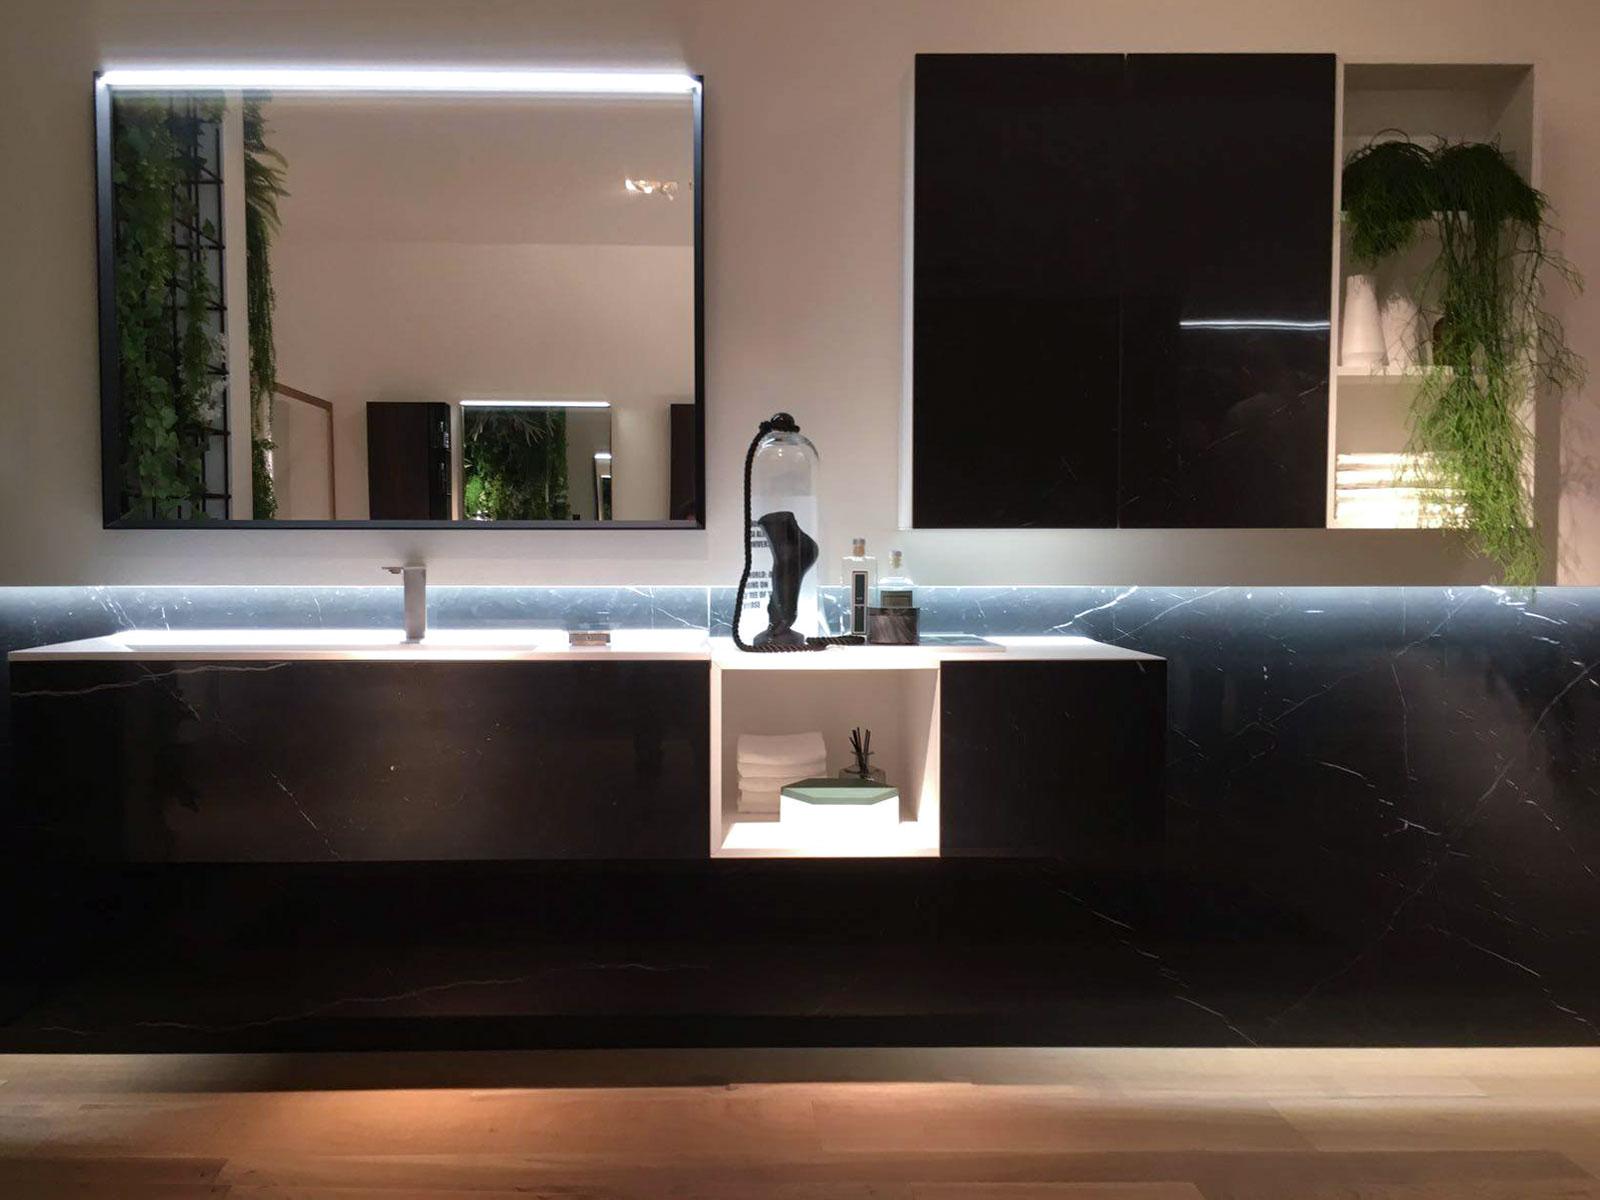 Salone internazionale del bagno 2018 le novit ideagroup - Arredo bagno milano est ...